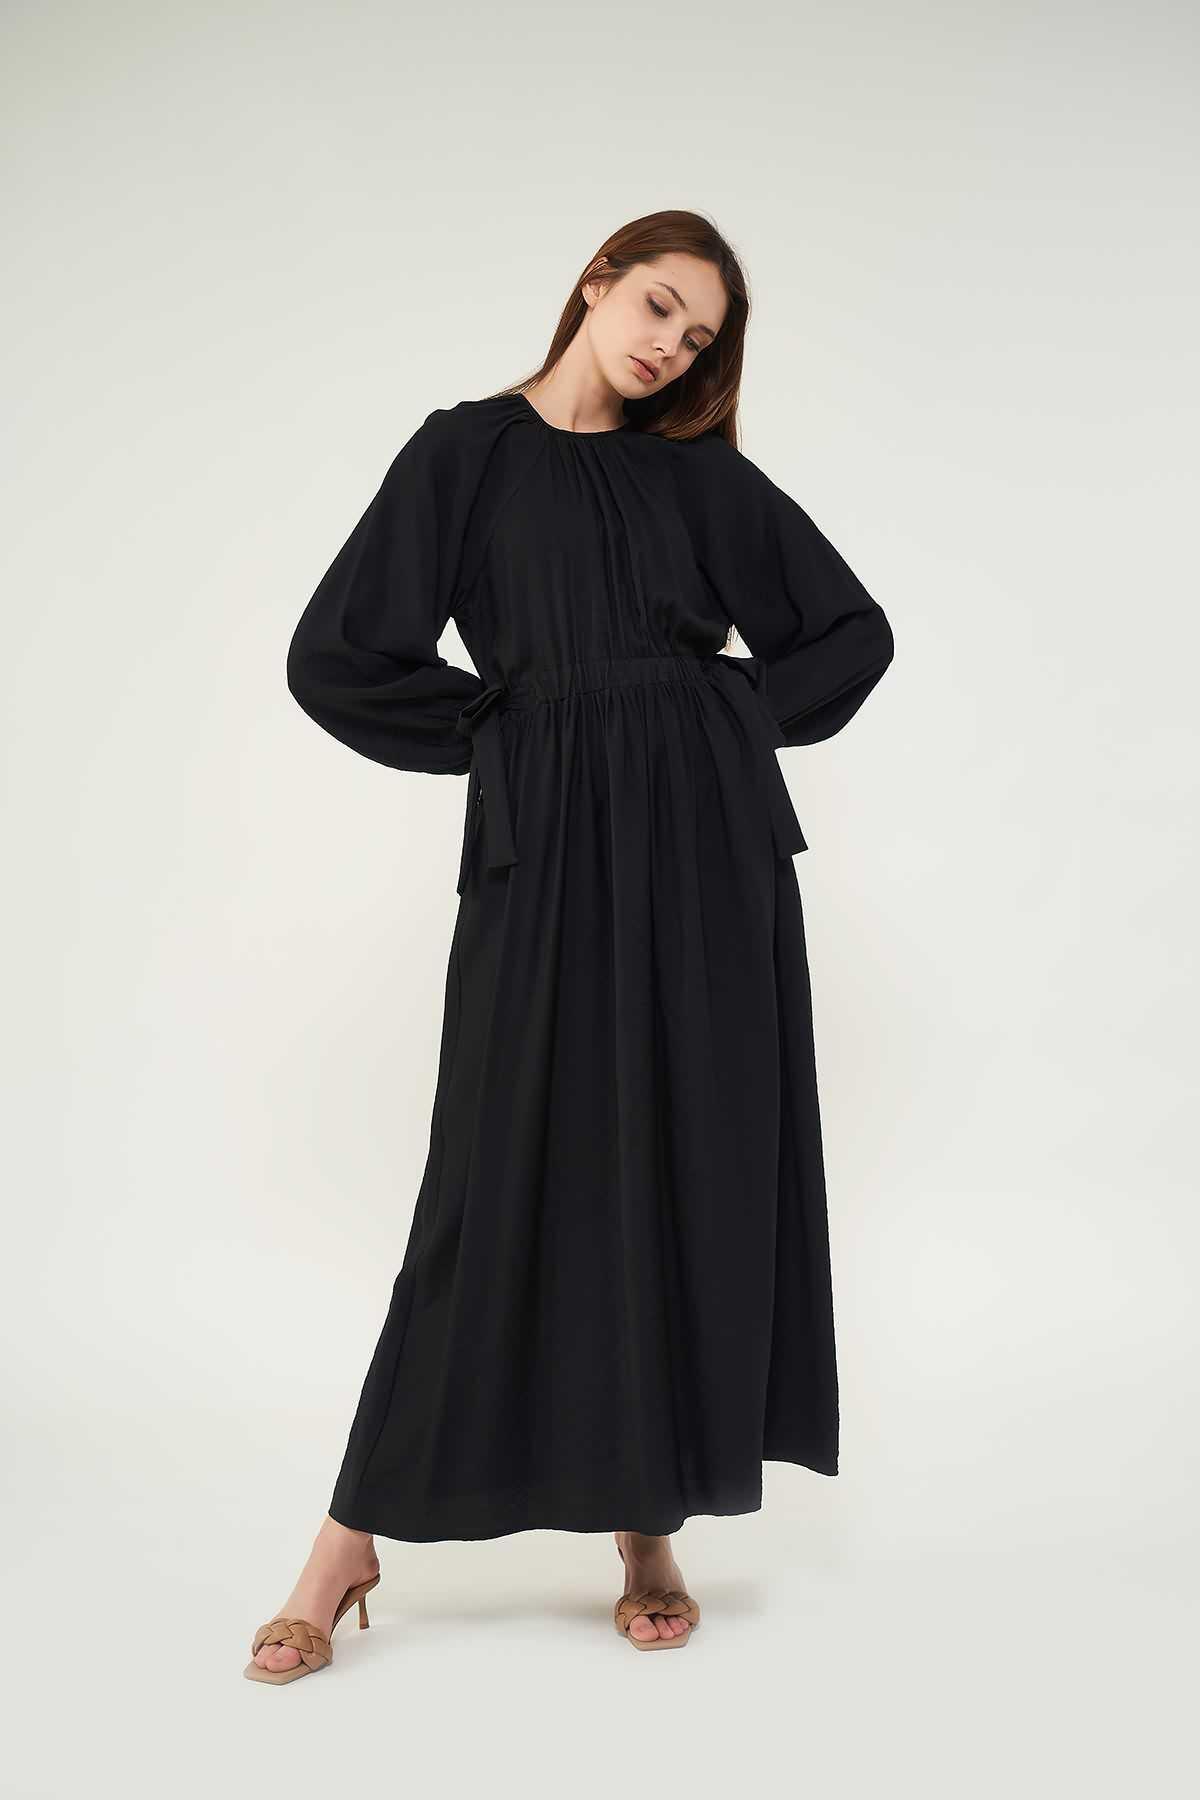 Mevra - Kuşaklı Elbise Siyah